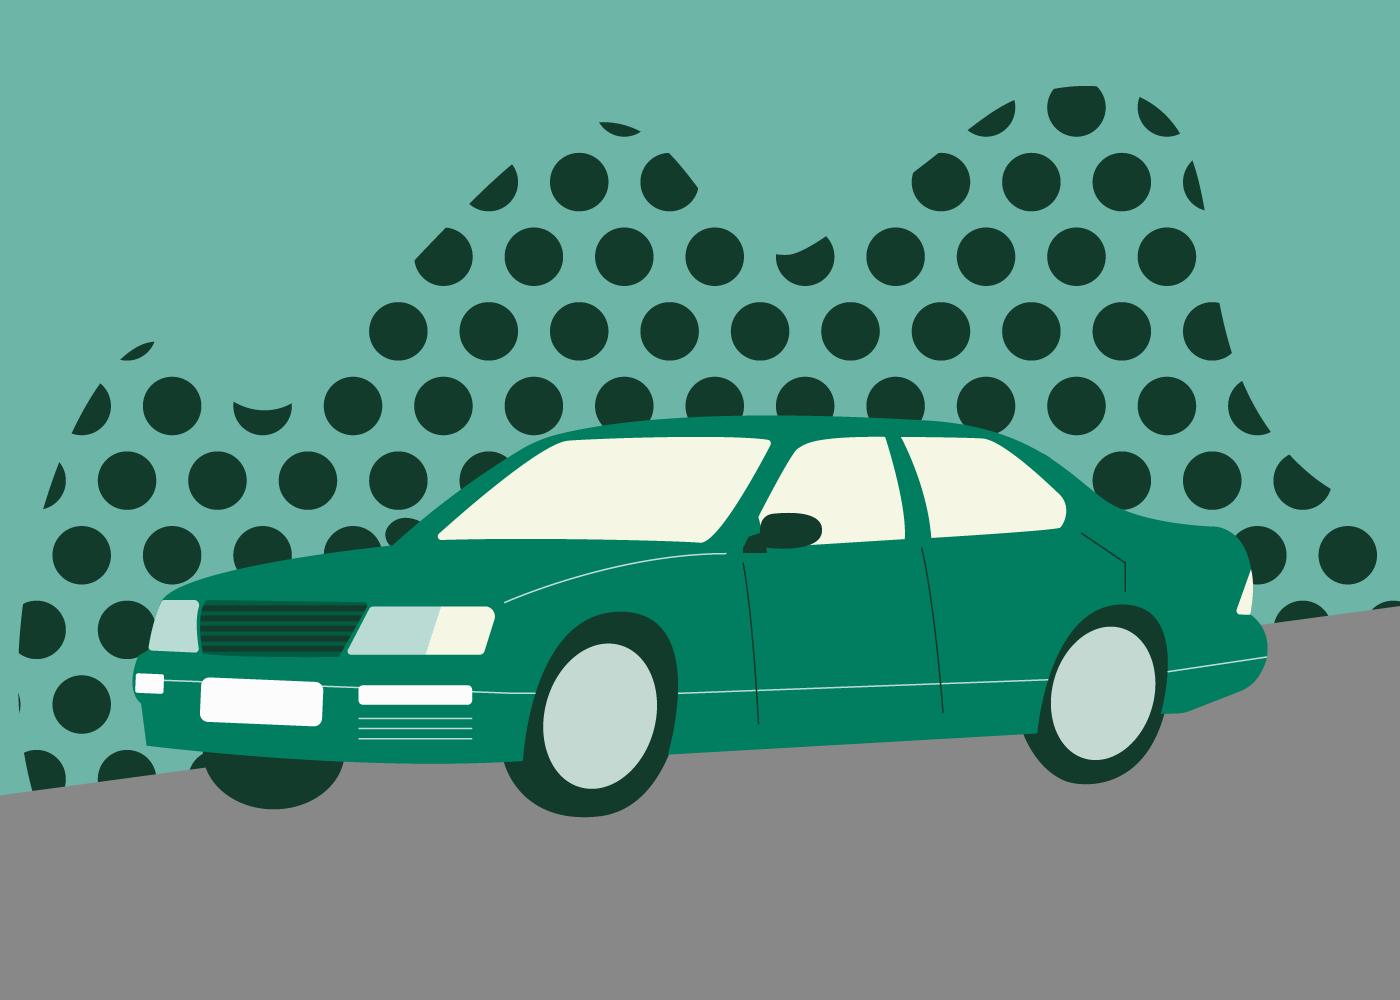 Lexus LS 400 illustration